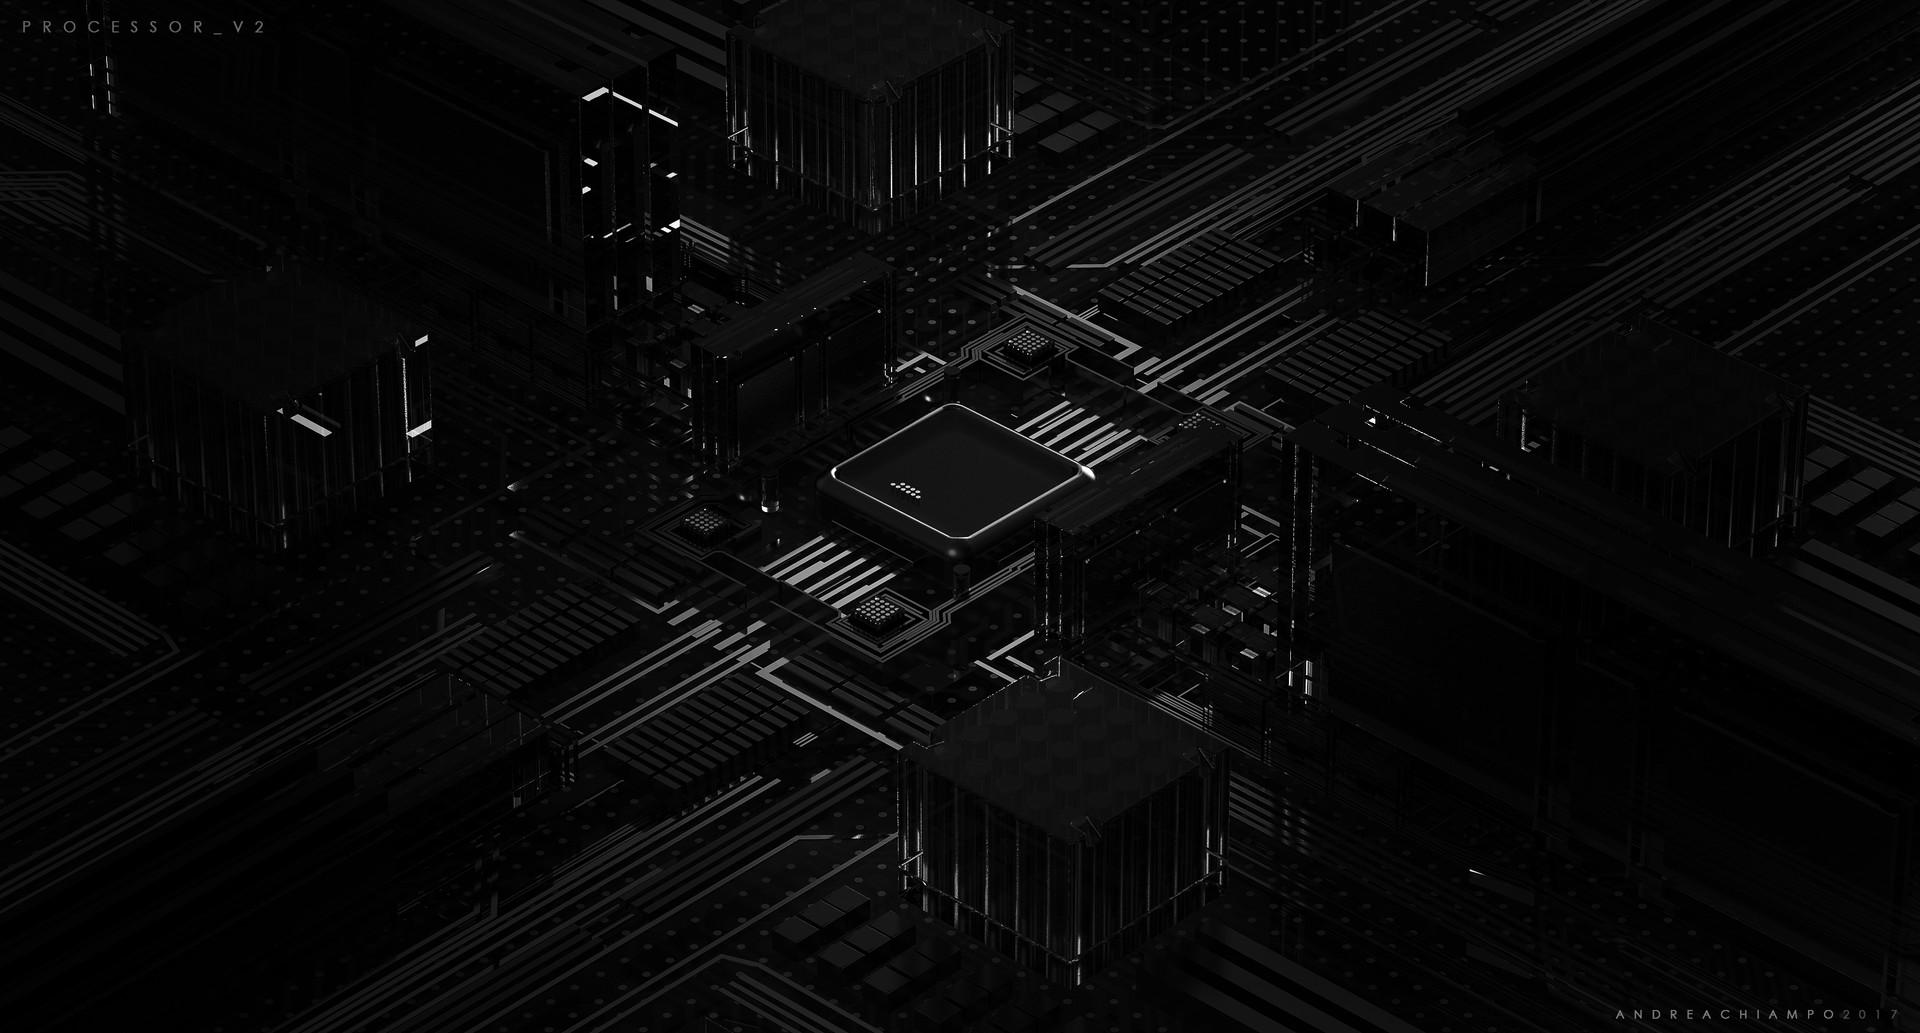 Andrea chiampo processor v2 d darker